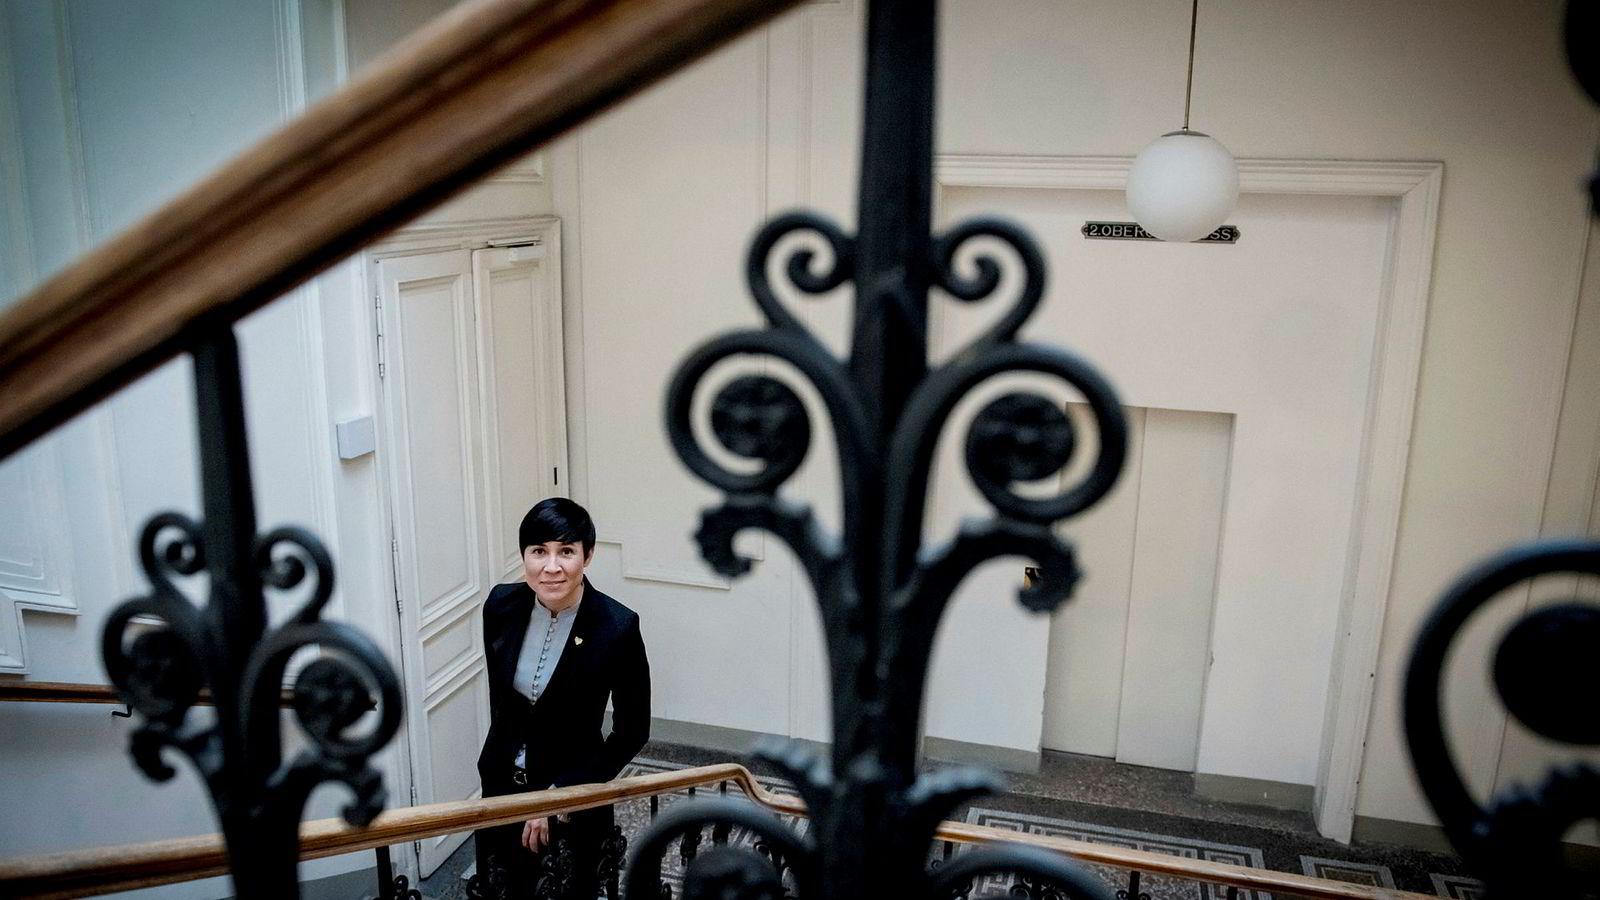 Utenriksminister Ine Marie Eriksen Søreide er lite synlig, synes artikkelforfatter.